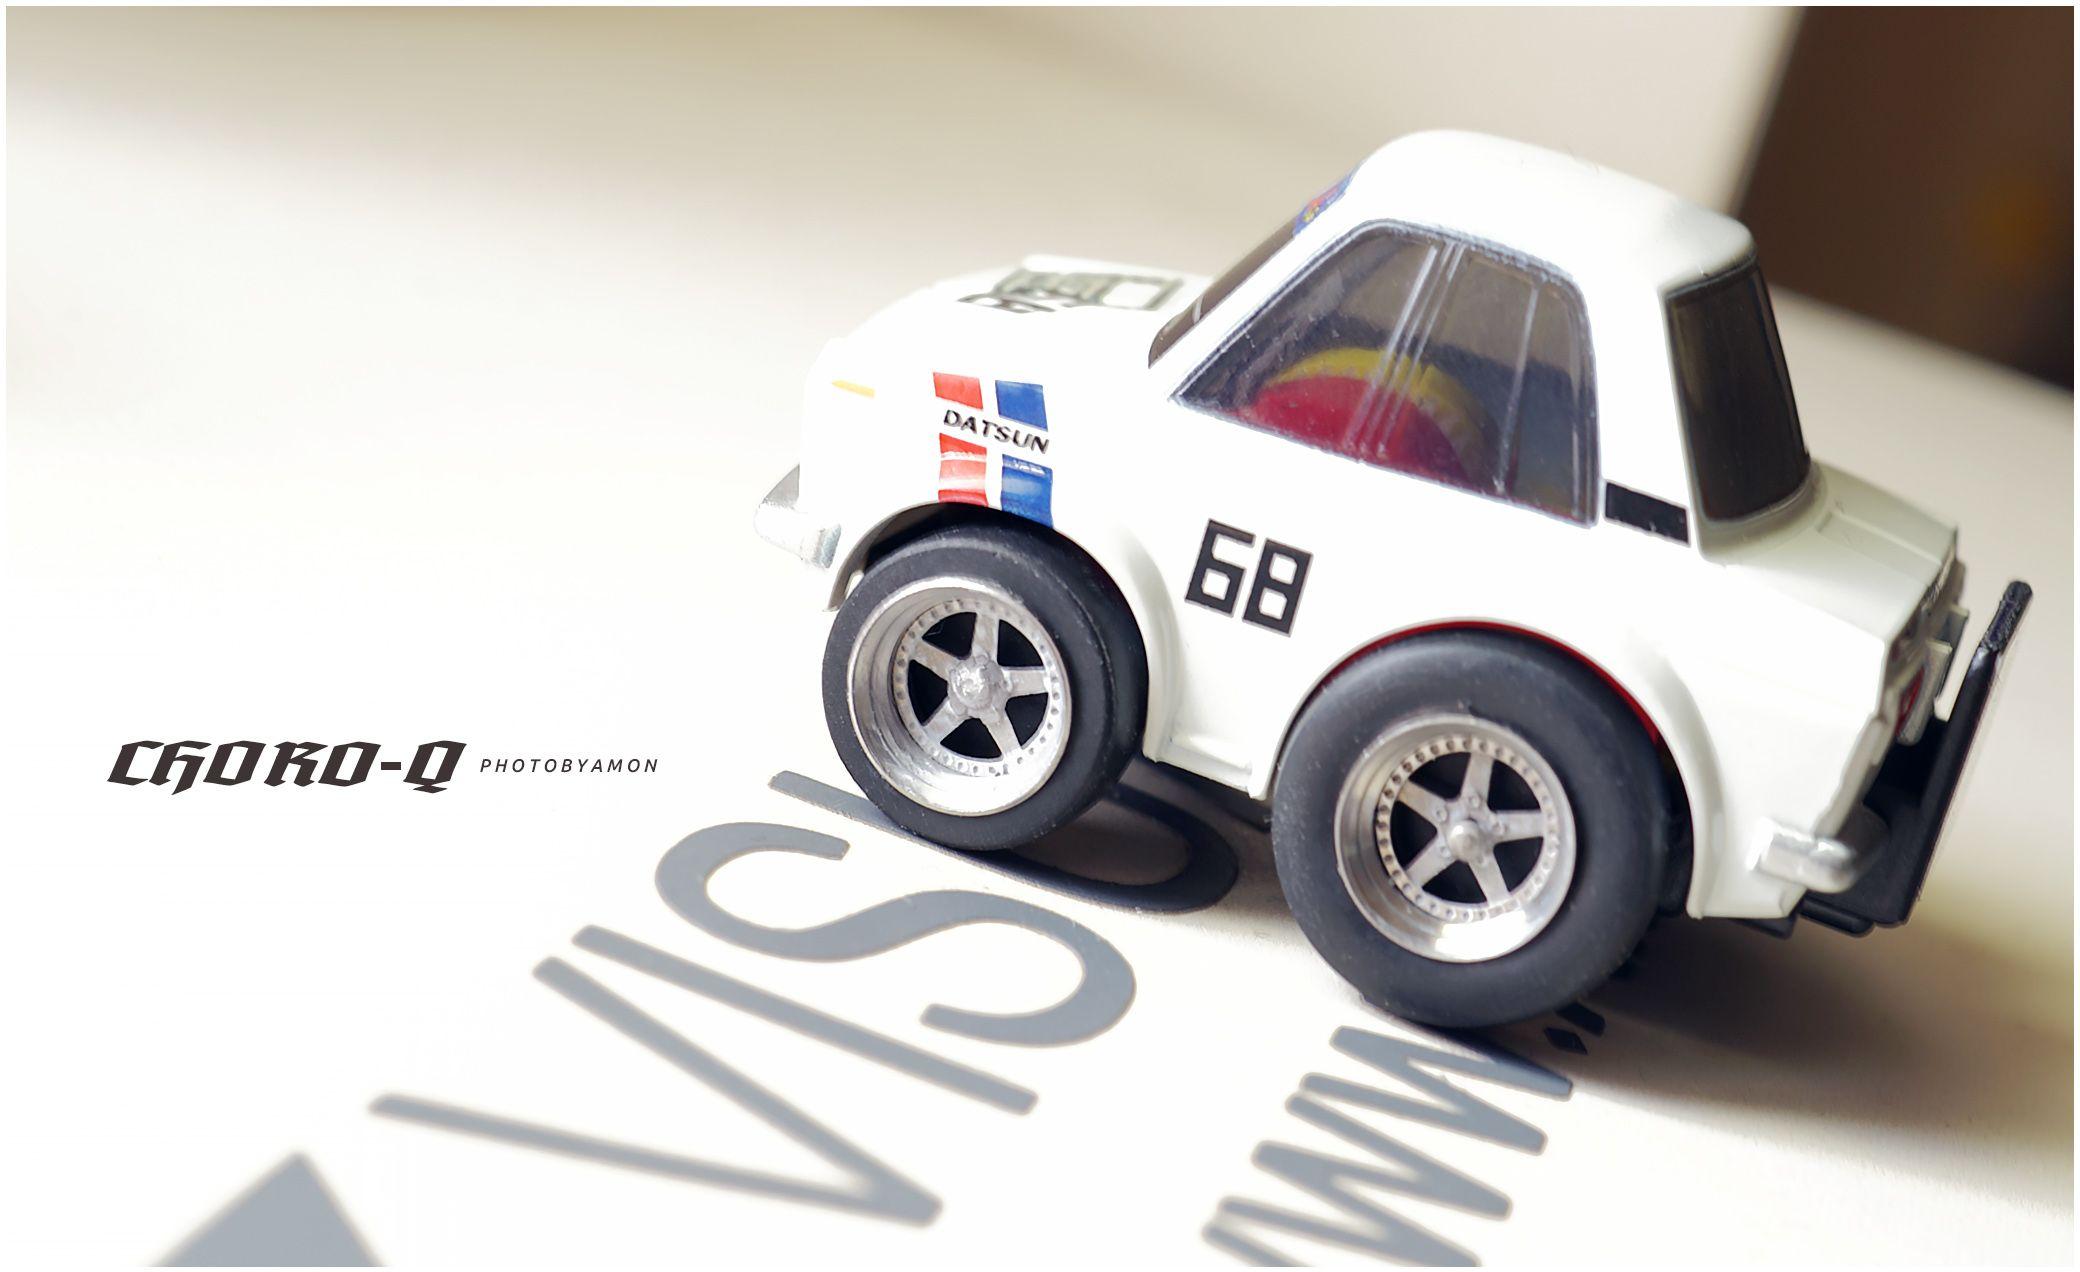 Photo By Amon Smart Cars Choro Q Q Car Toy Car Car Photo